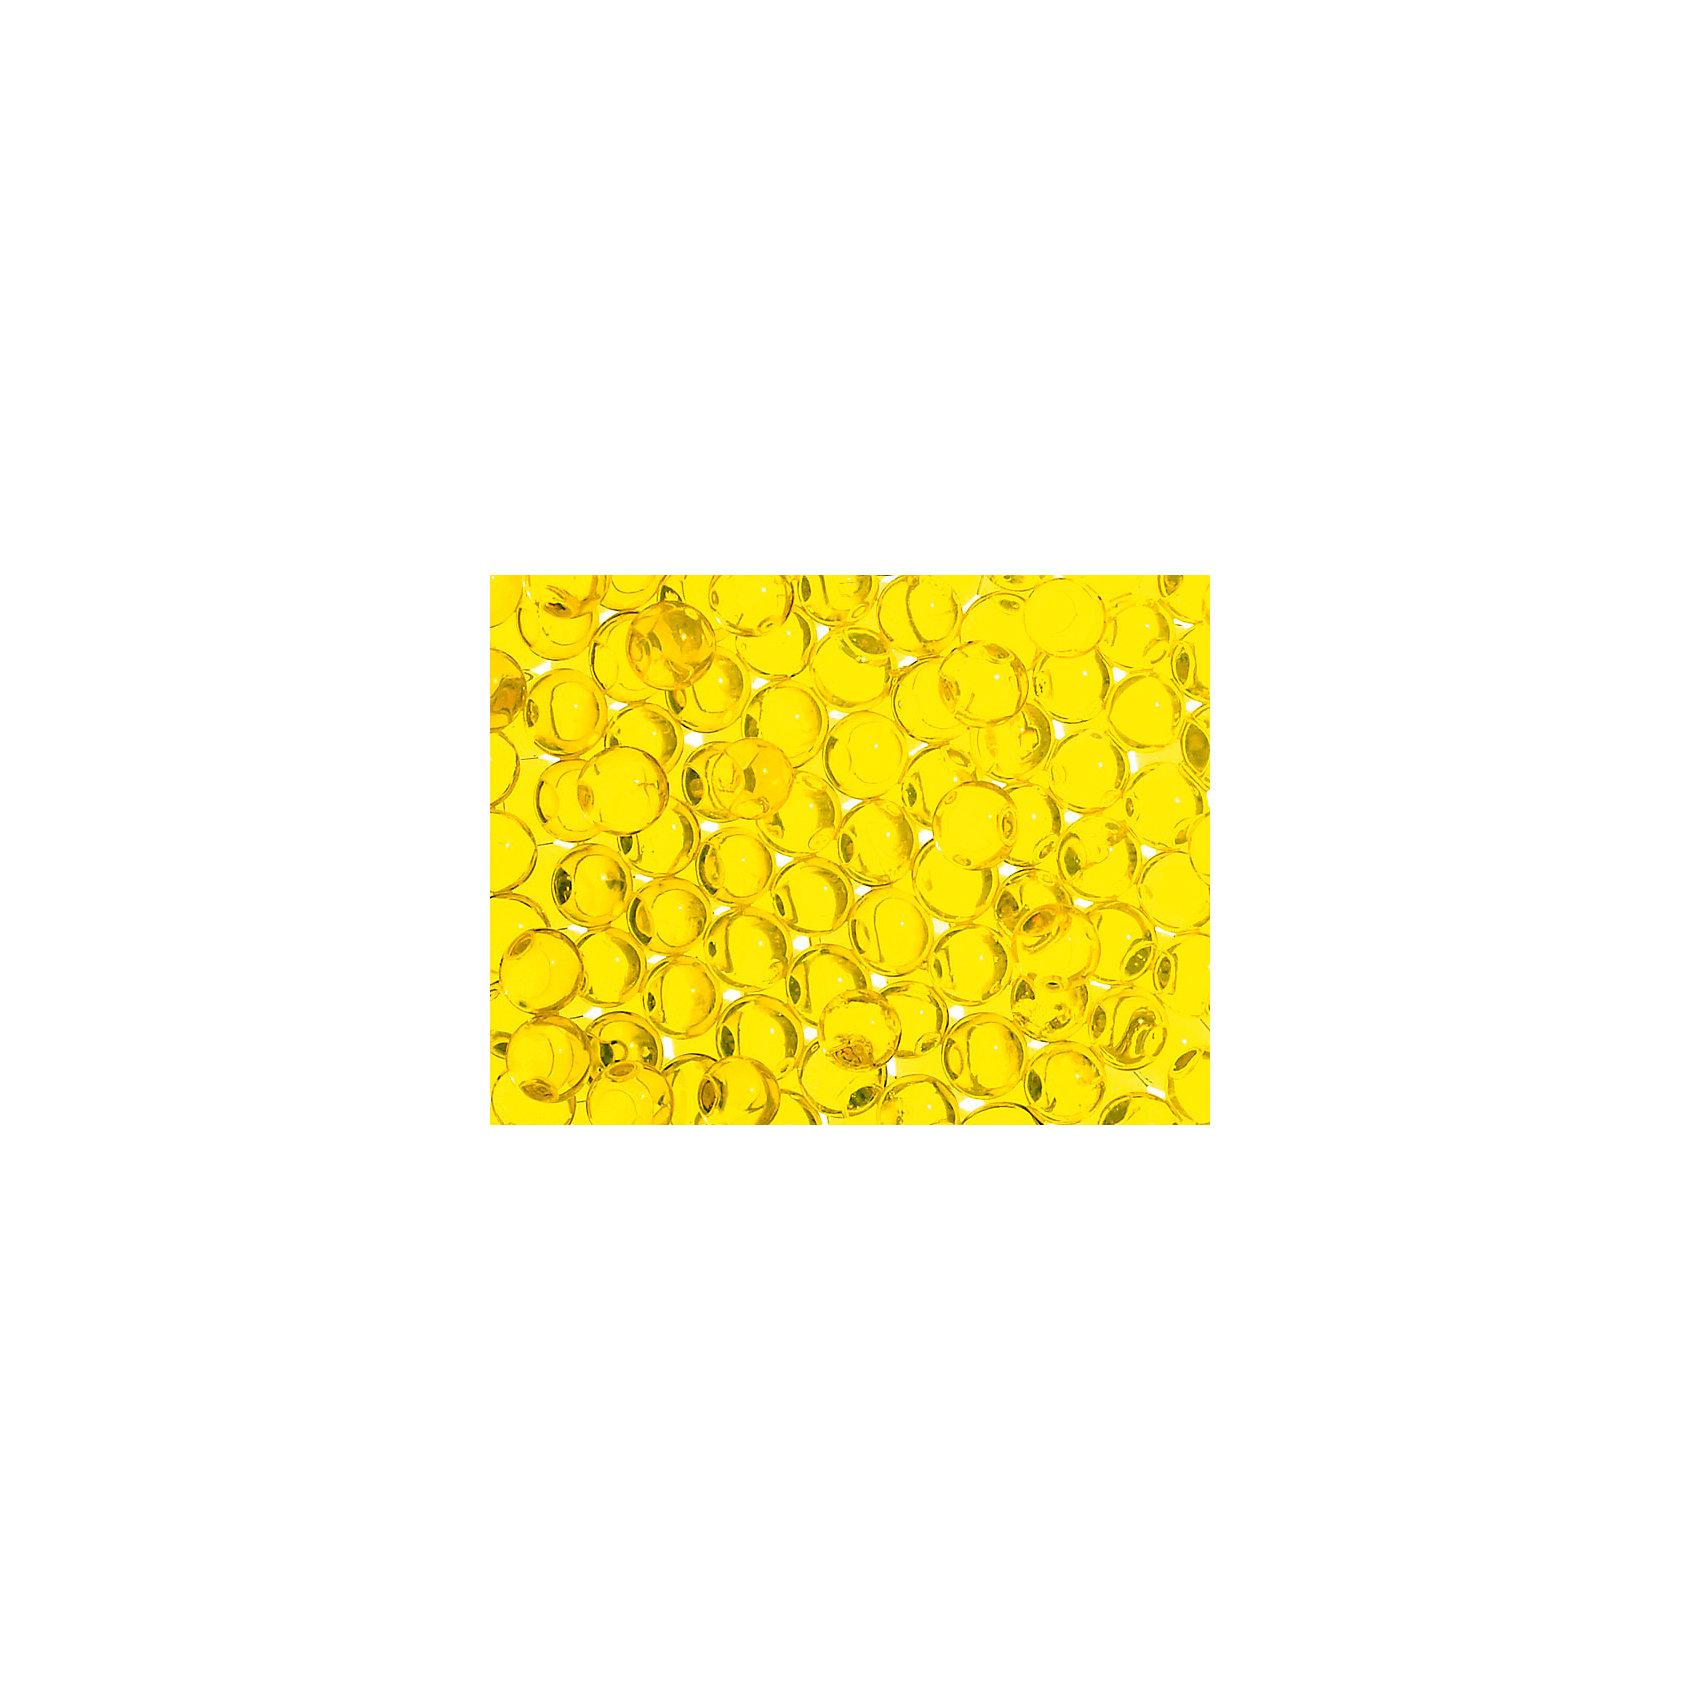 Готовые заряды желтого цвета, 1000 шт., VAPORГотовые заряды желтого цвета  для бластеров VAPOR  - это небольшие гелевые шарики, состоящие из воды и полимера. При попадании  в какую-либо поверхность заряды отскакивают от нее или же рассыпаются на частички, не повреждая и не пачкая ее.<br><br>Дополнительная информация:<br><br>- Материал: полимер, вода. <br>- Цвет: желтый.<br>- Количество в упаковке: 1000 шт. <br>- Размер одного заряда: 1х1 см. <br><br>Готовые заряды желтого цвета, 1000 шт., VAPOR можно купить в нашем магазине.<br><br>Ширина мм: 235<br>Глубина мм: 6<br>Высота мм: 105<br>Вес г: 870<br>Возраст от месяцев: 96<br>Возраст до месяцев: 168<br>Пол: Мужской<br>Возраст: Детский<br>SKU: 4046588